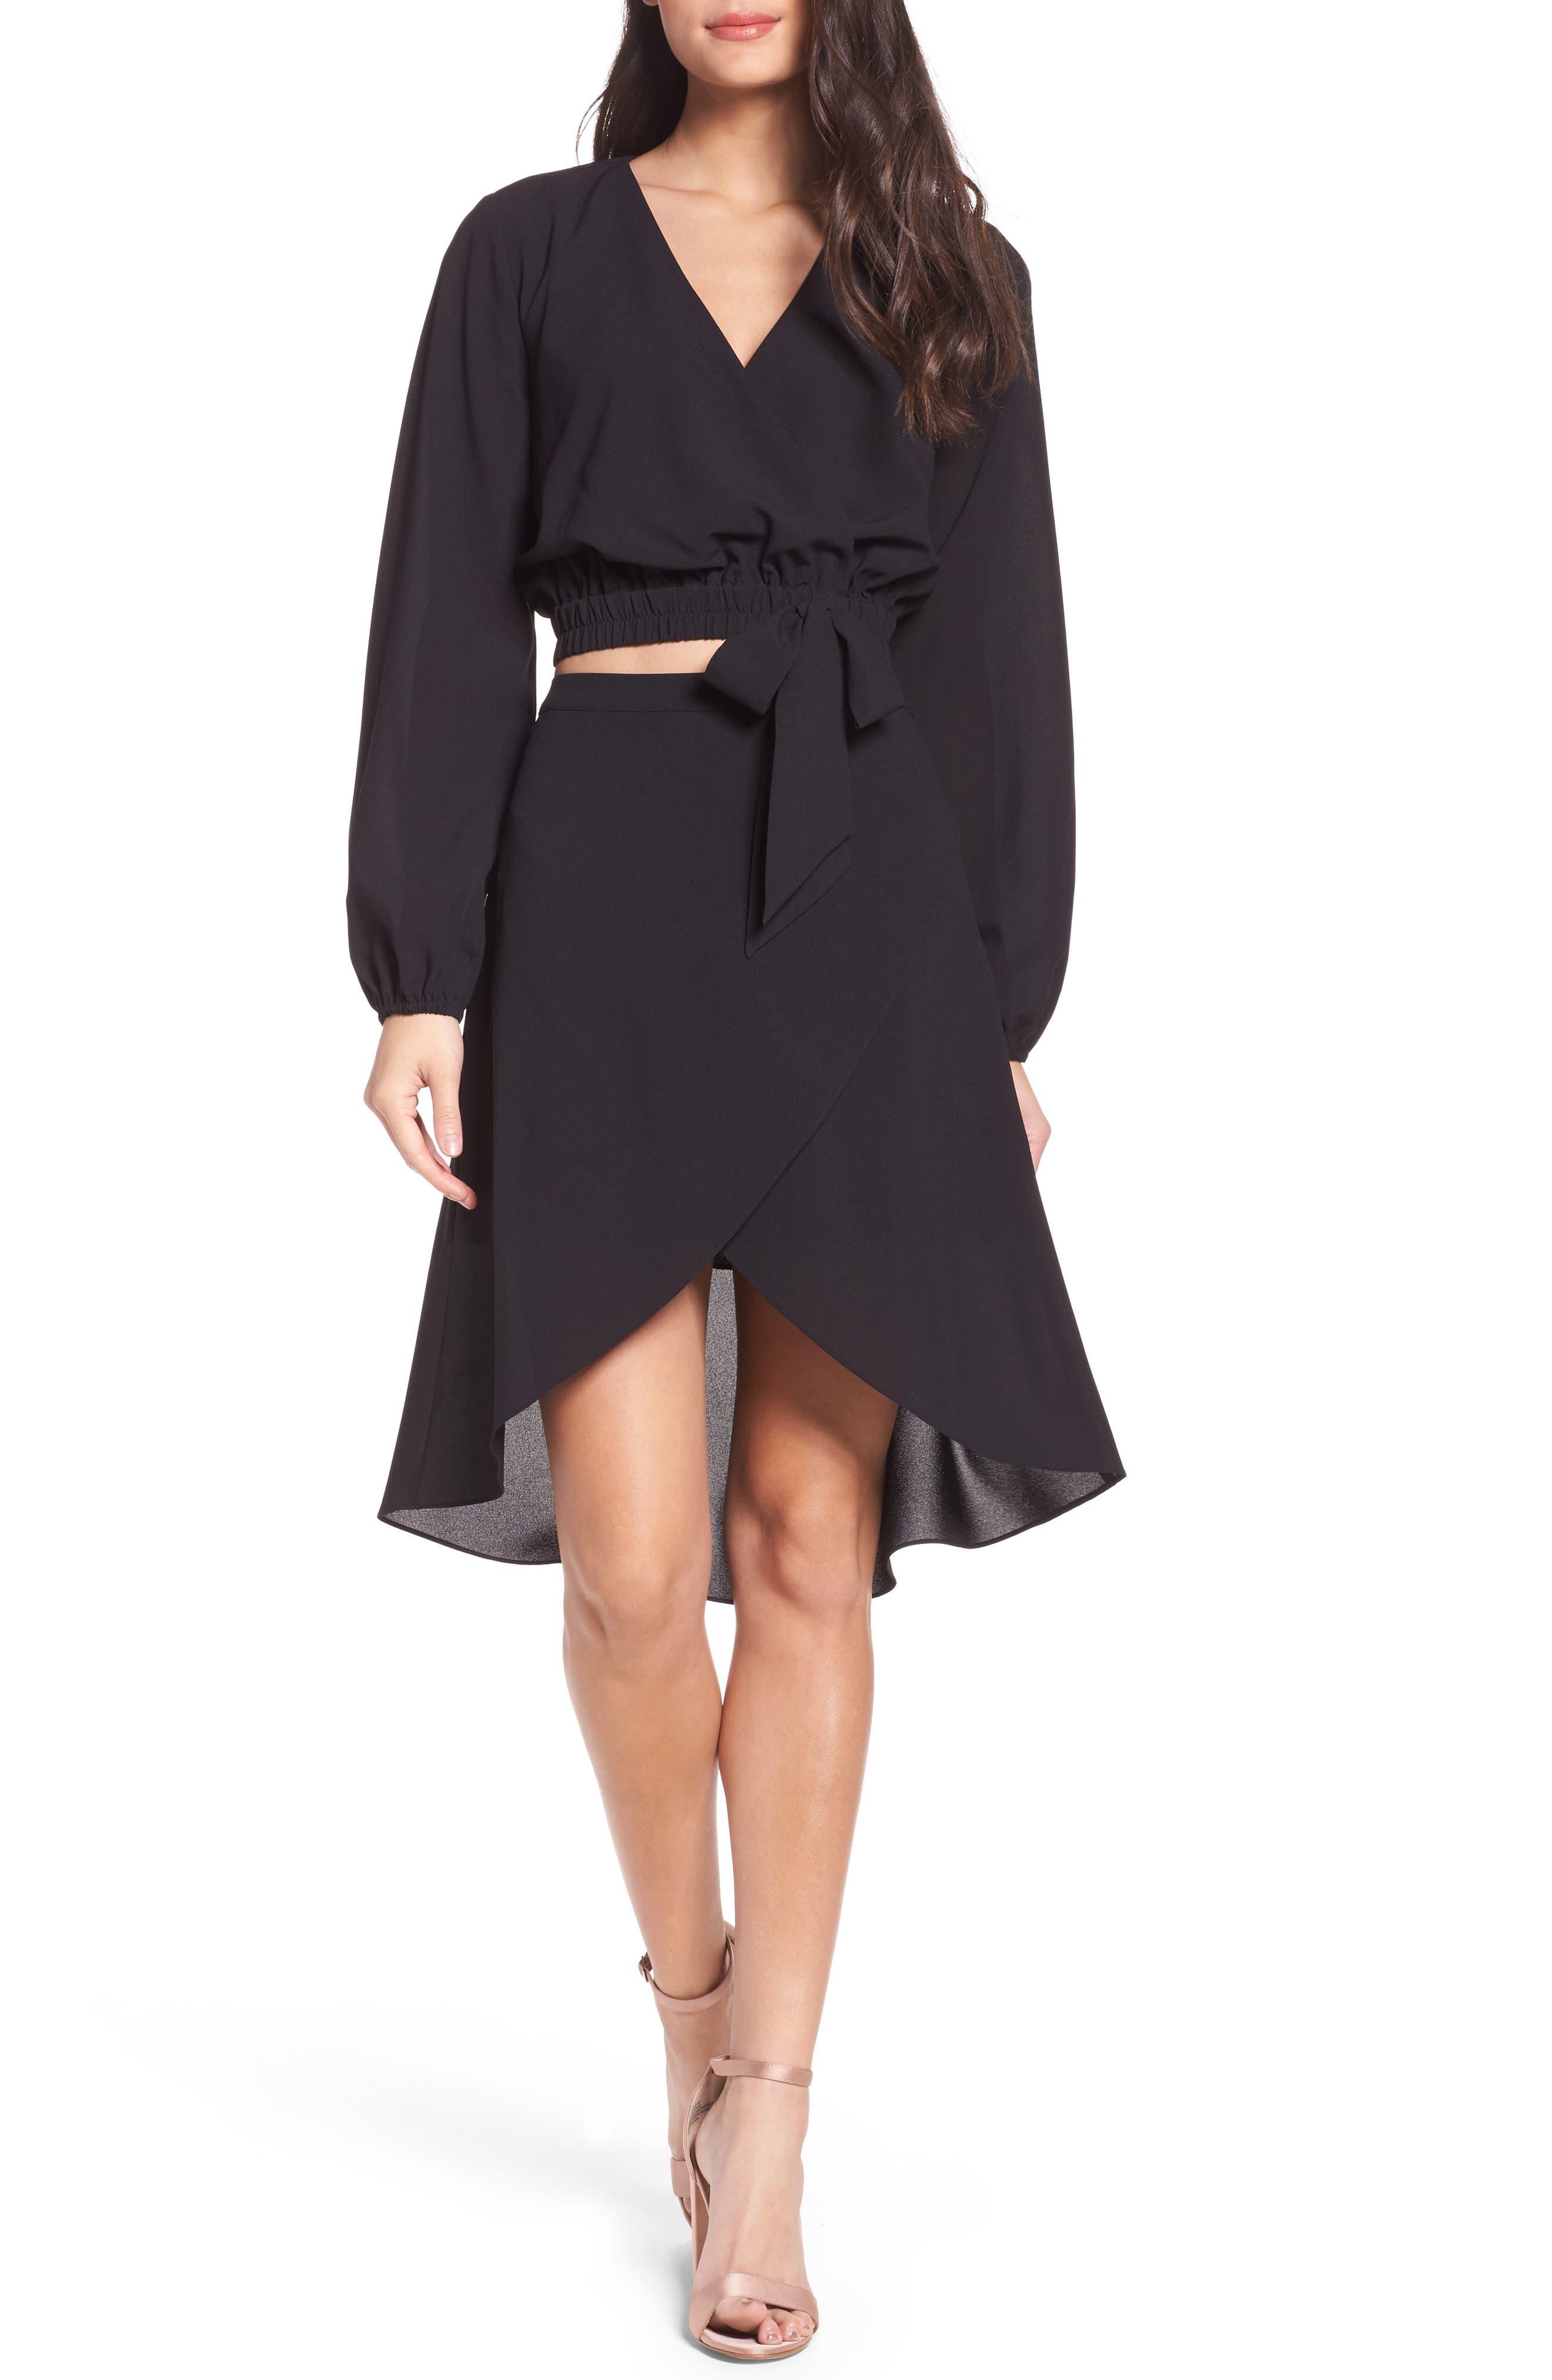 St. Tropez Two-Piece Dress,                         Main,                         color, Black